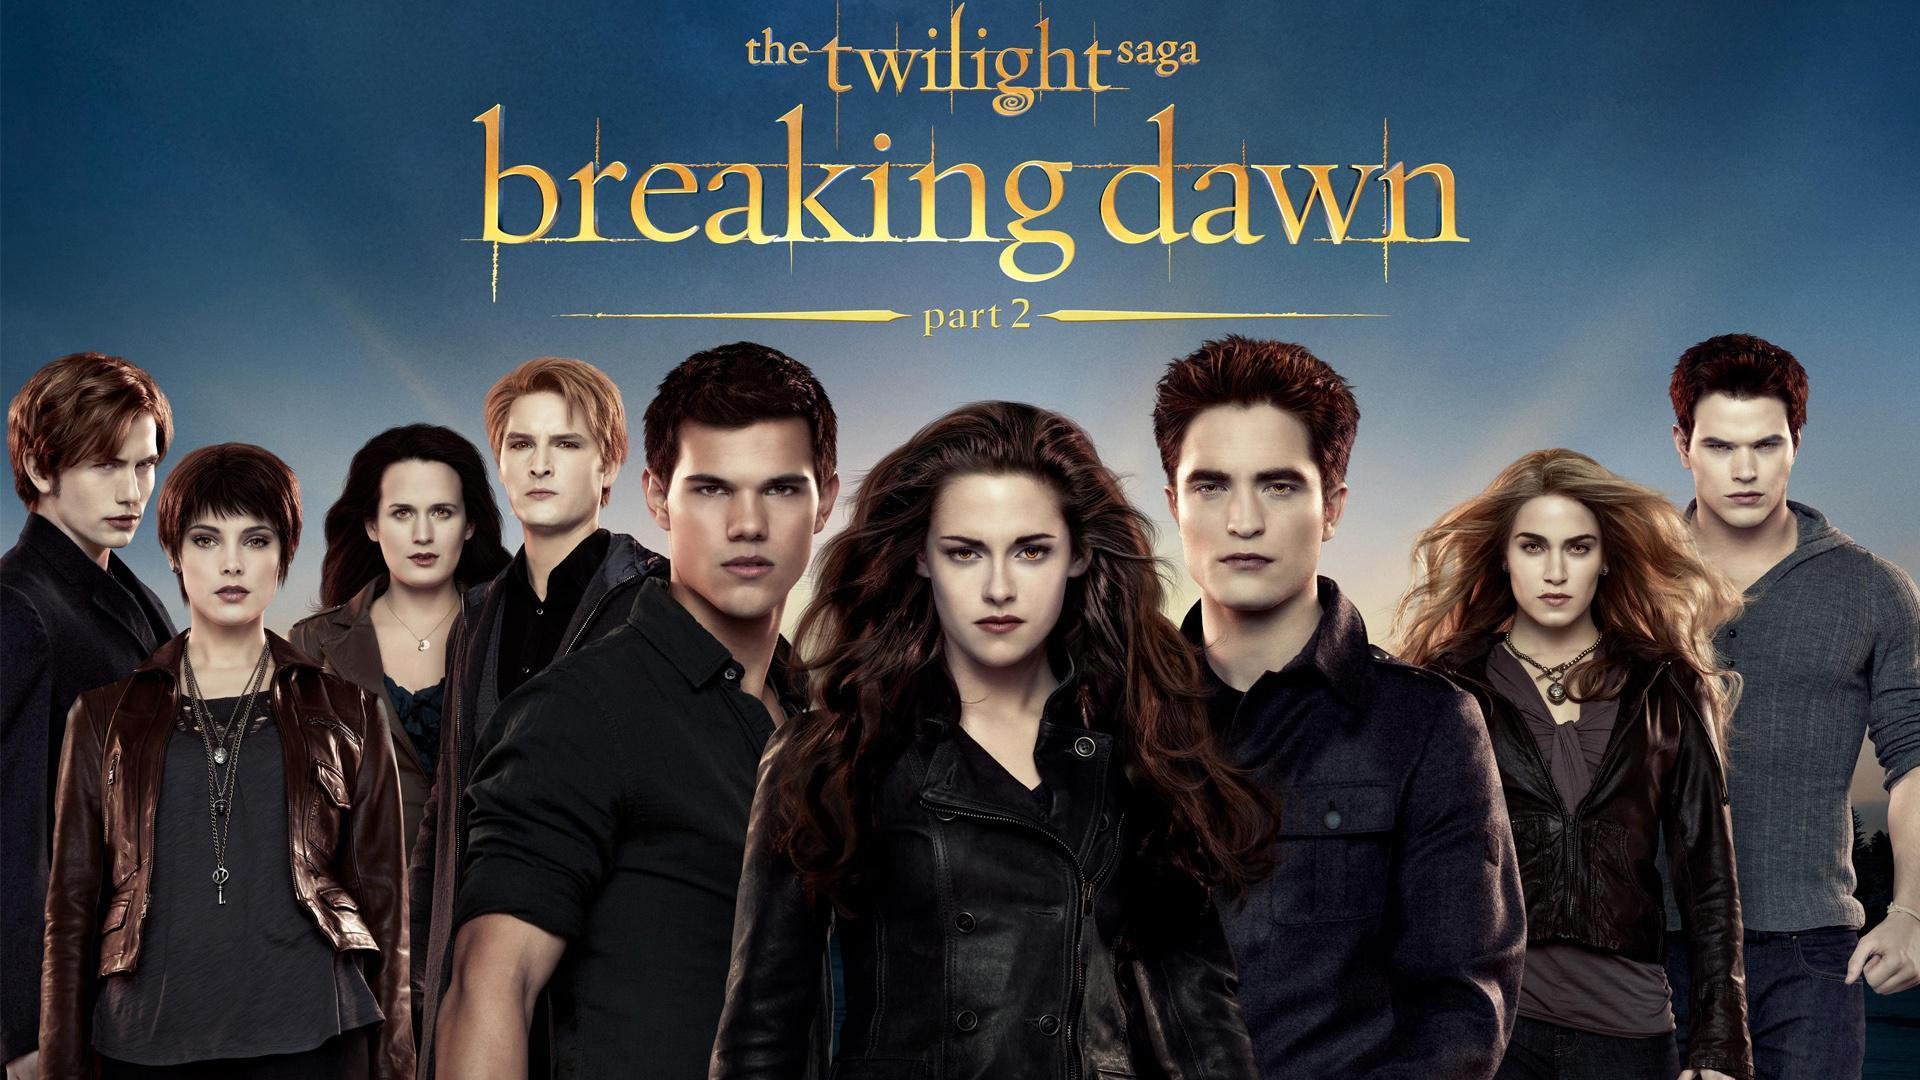 Twilight Breaking Dawn 2 wallpaper 8